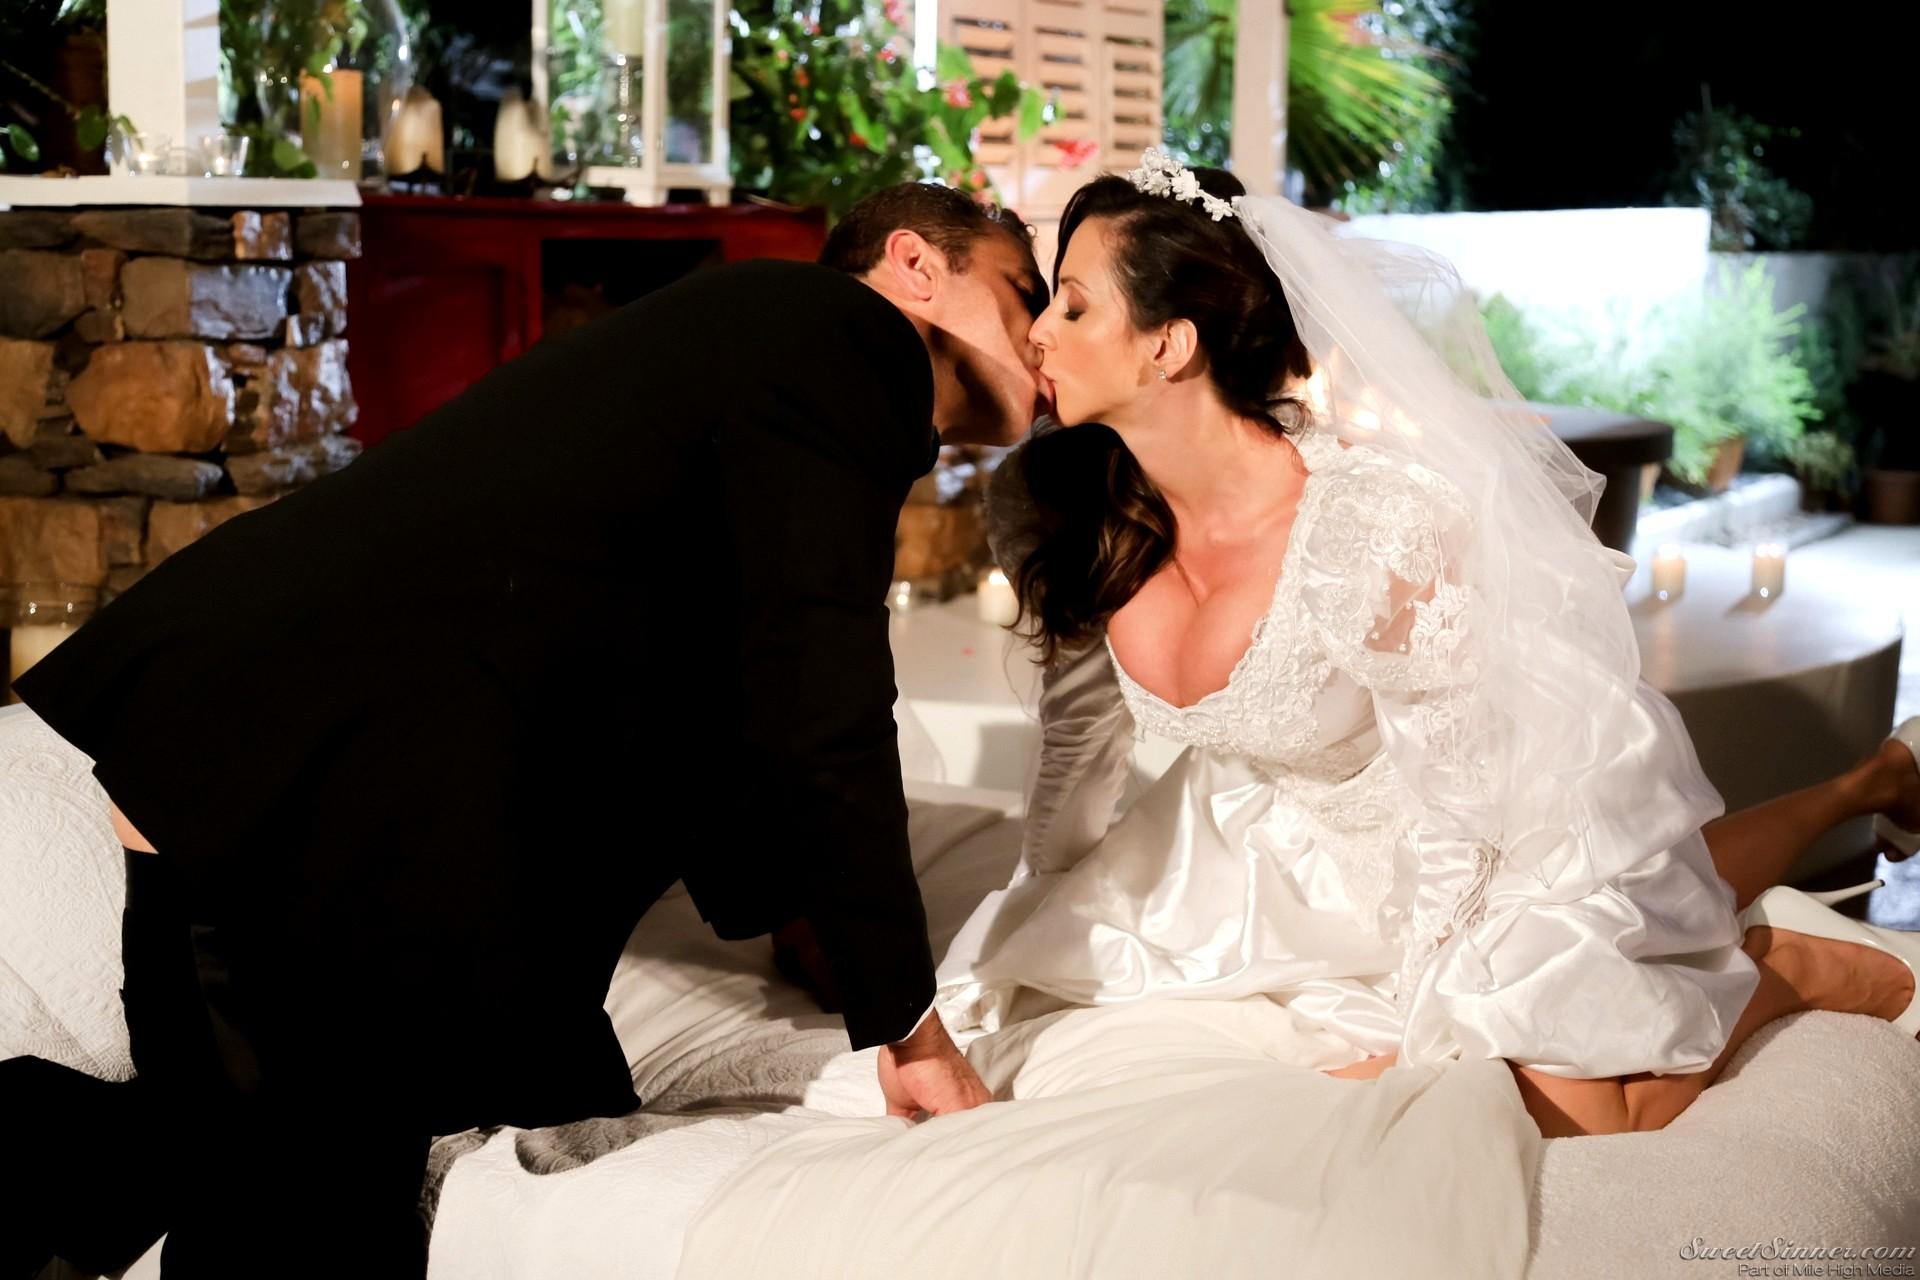 Смотреть онлайн брачный ночь, Отличный фильм! Первая брачная ночь 27 фотография